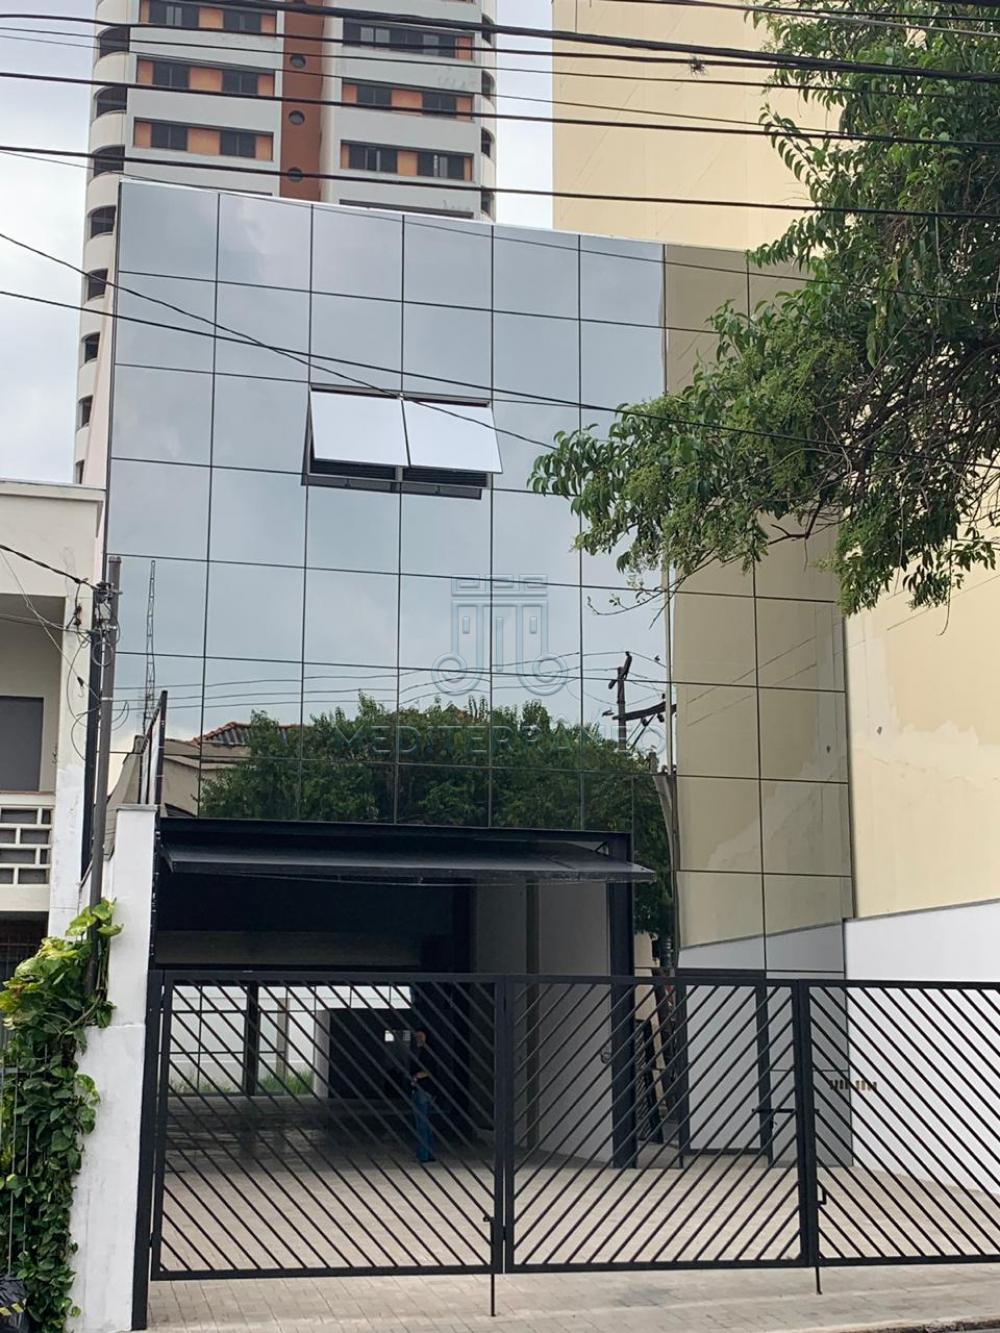 Alugar Comercial / Prédio em Jundiaí apenas R$ 25.000,00 - Foto 1